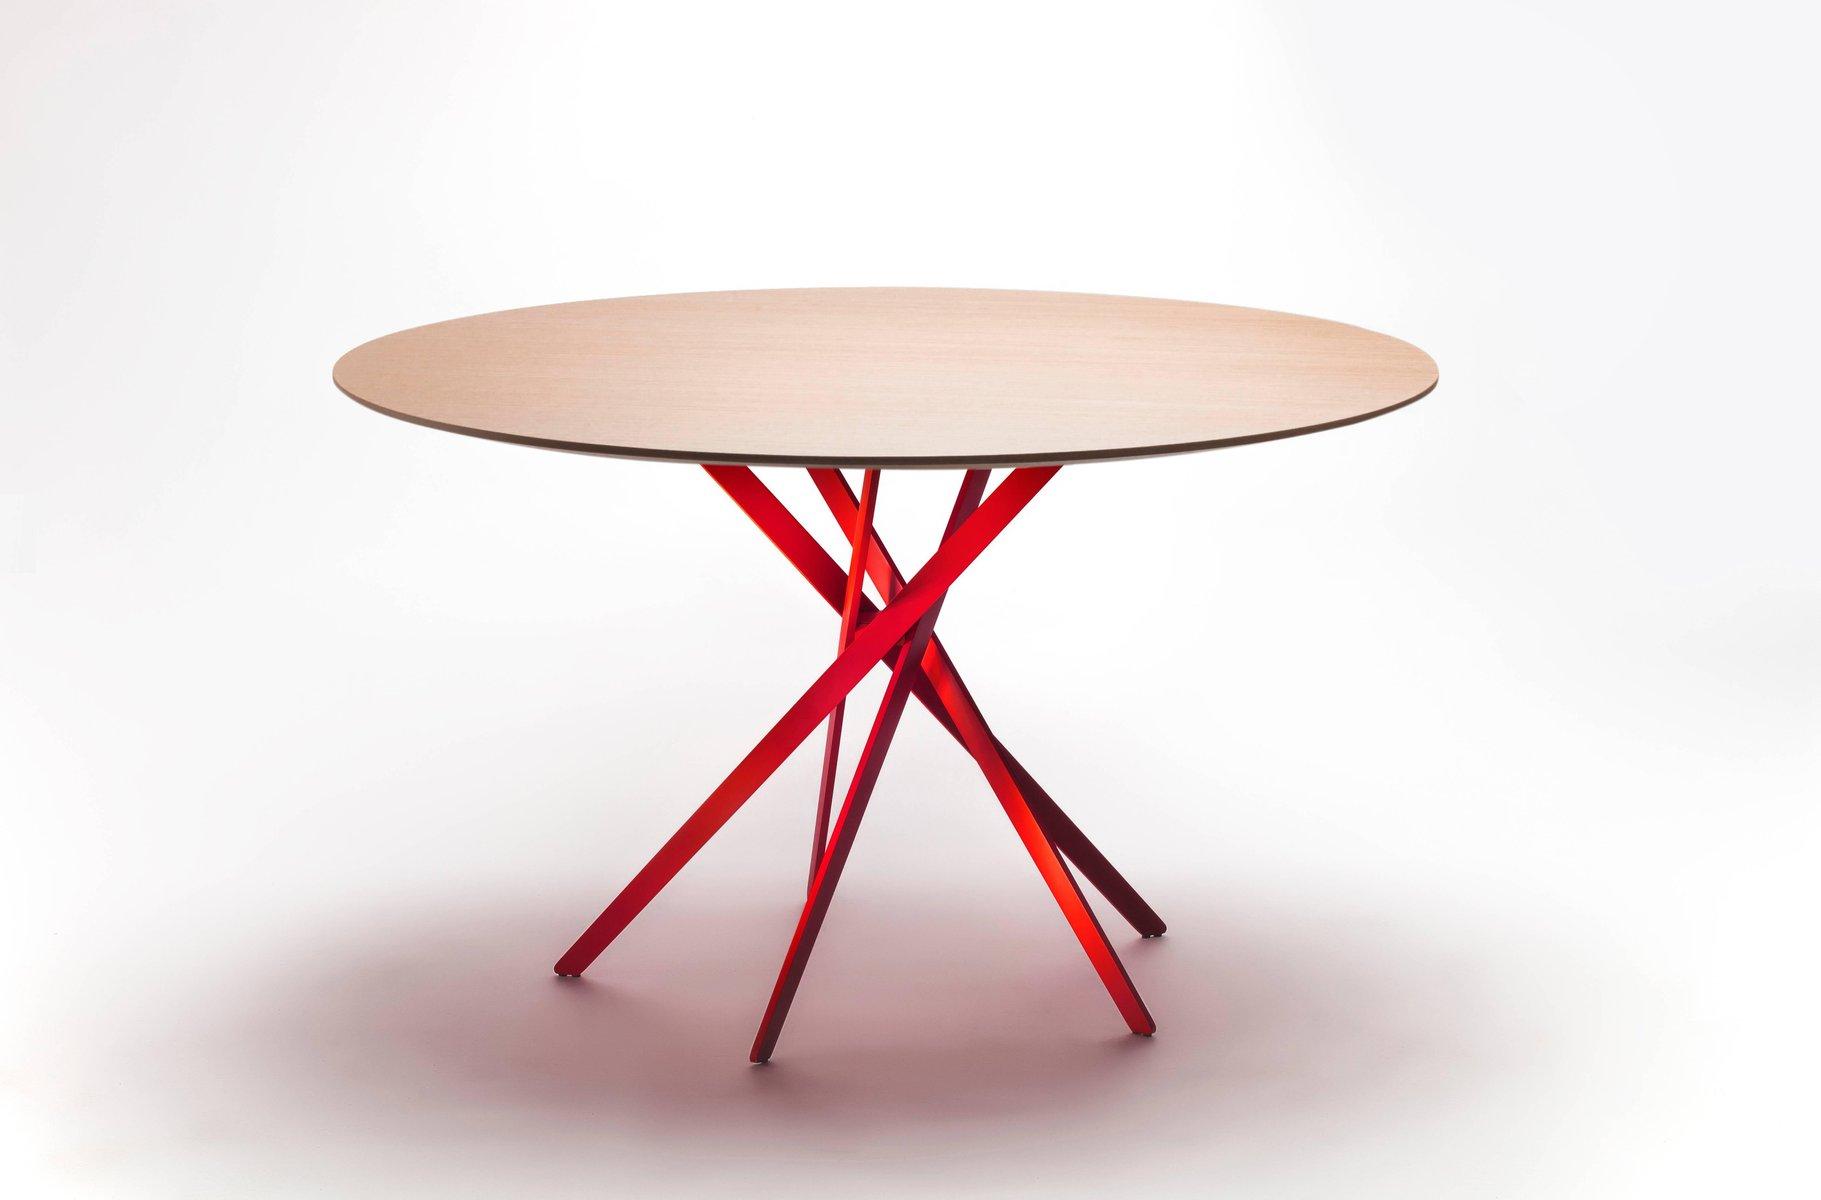 IKI Tisch mit rot-lackiertem Fuß & Furnierplatte aus Eiche von Marco Z...